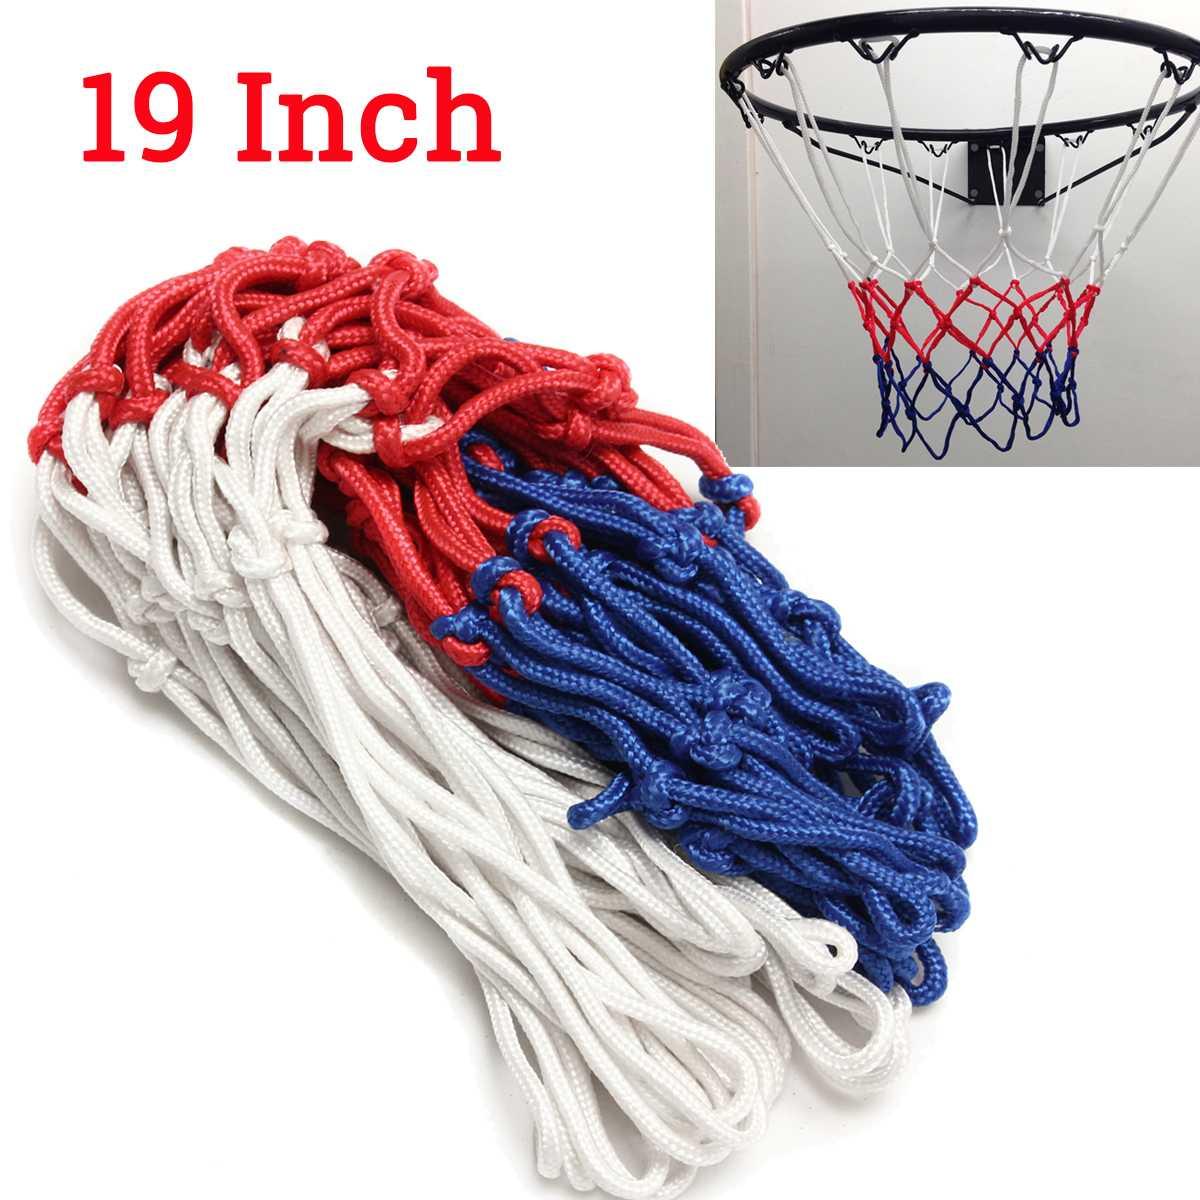 6mm Basketball Rim Mesh Net Durable Basketball Net Heavy Duty Nylon Net Hoop Goal Rim Mesh Fits Standard Basketball Rims